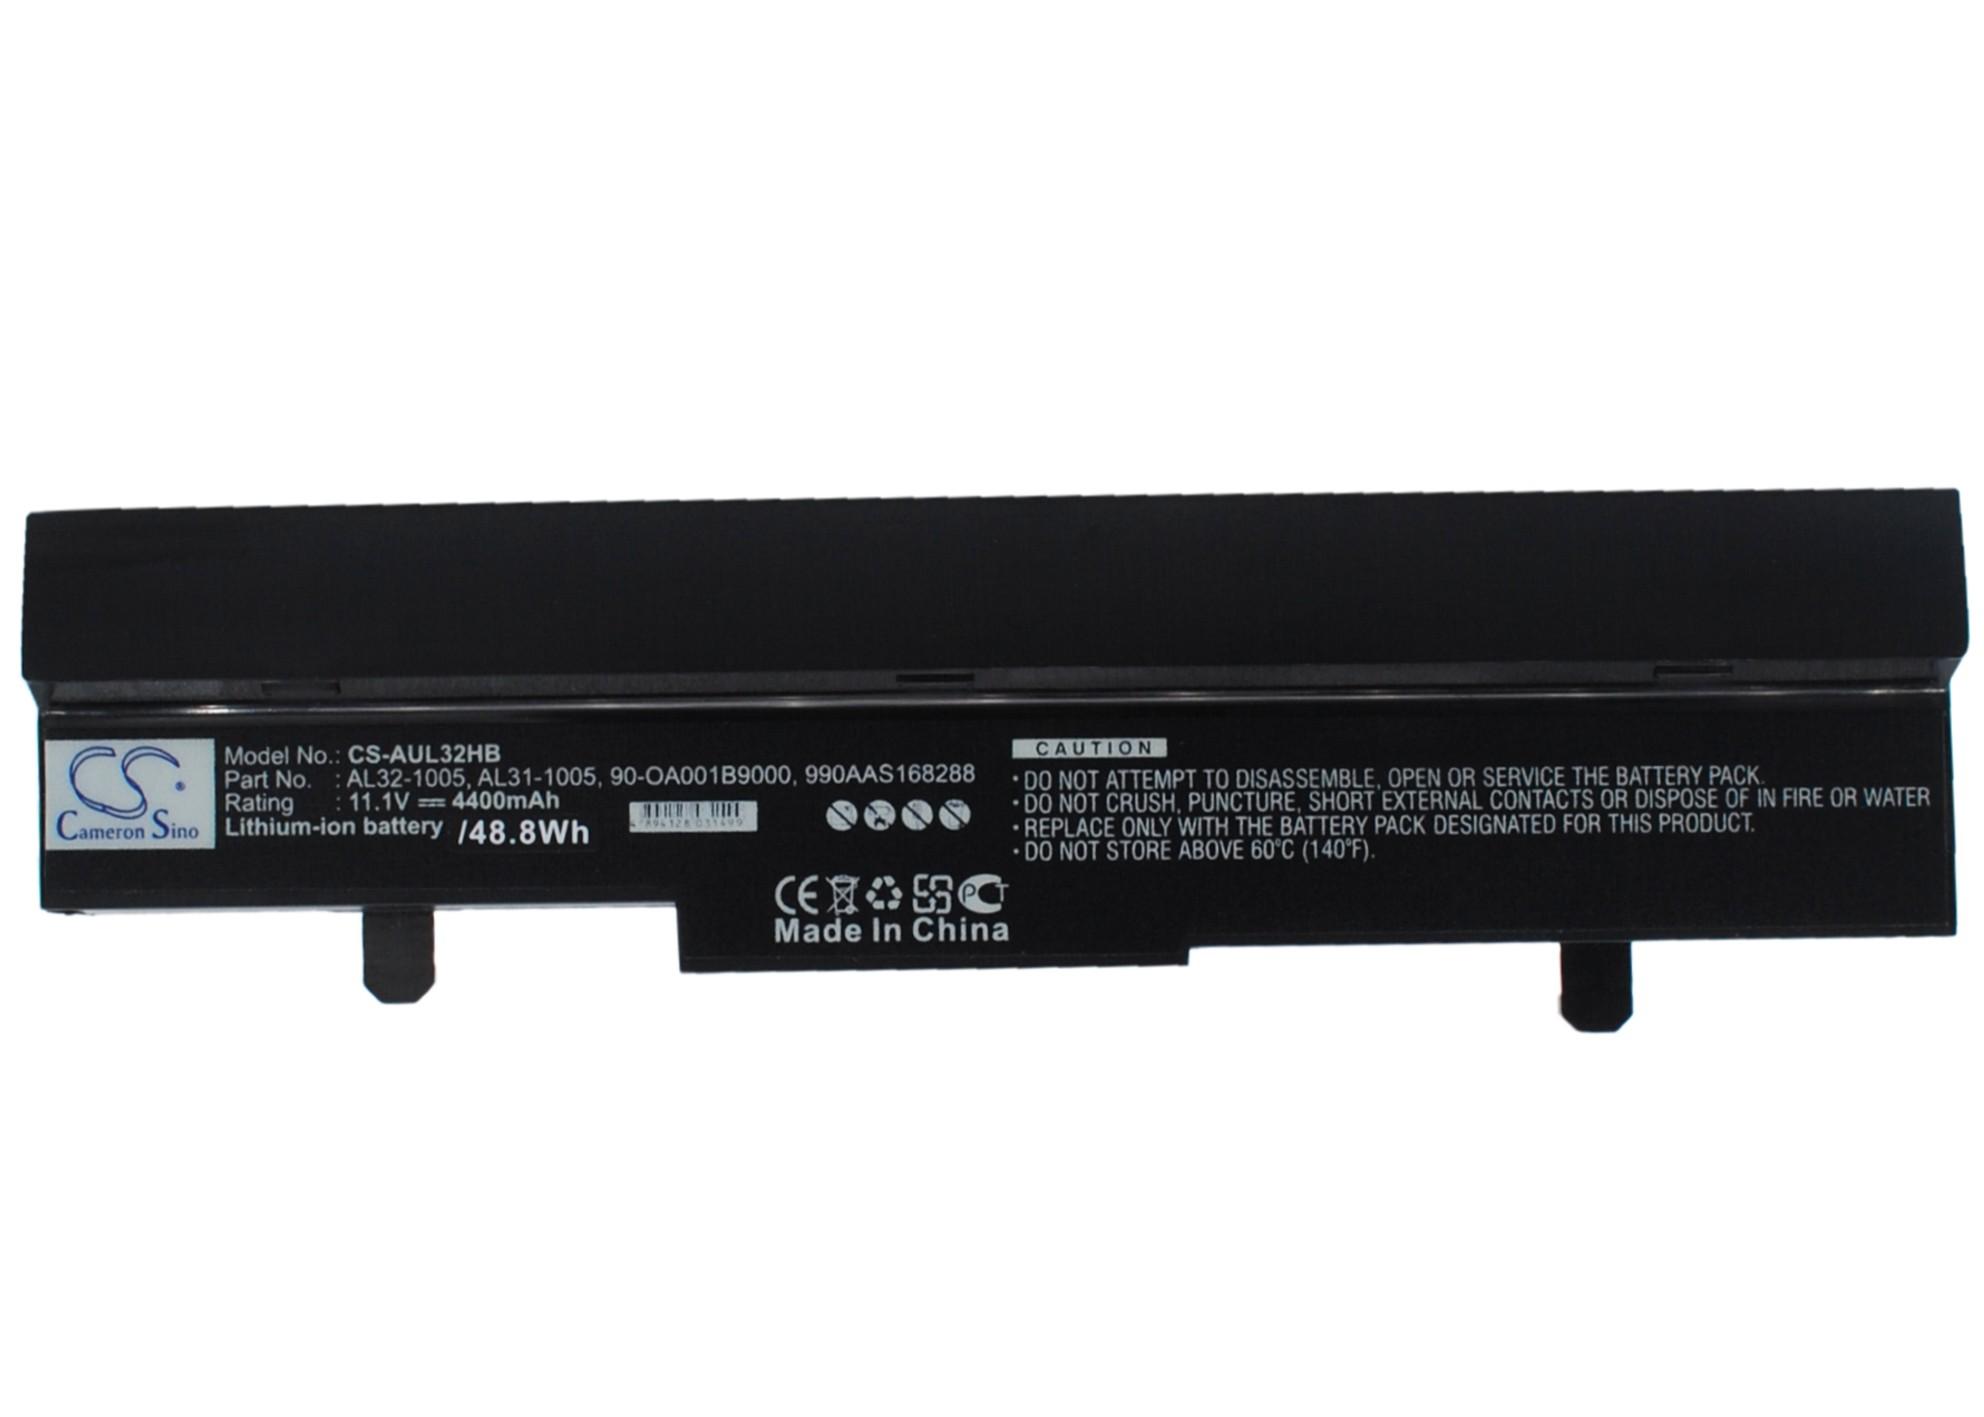 Cameron Sino baterie do netbooků pro ASUS Eee PC 1001HA 10.8V Li-ion 4400mAh černá - neoriginální